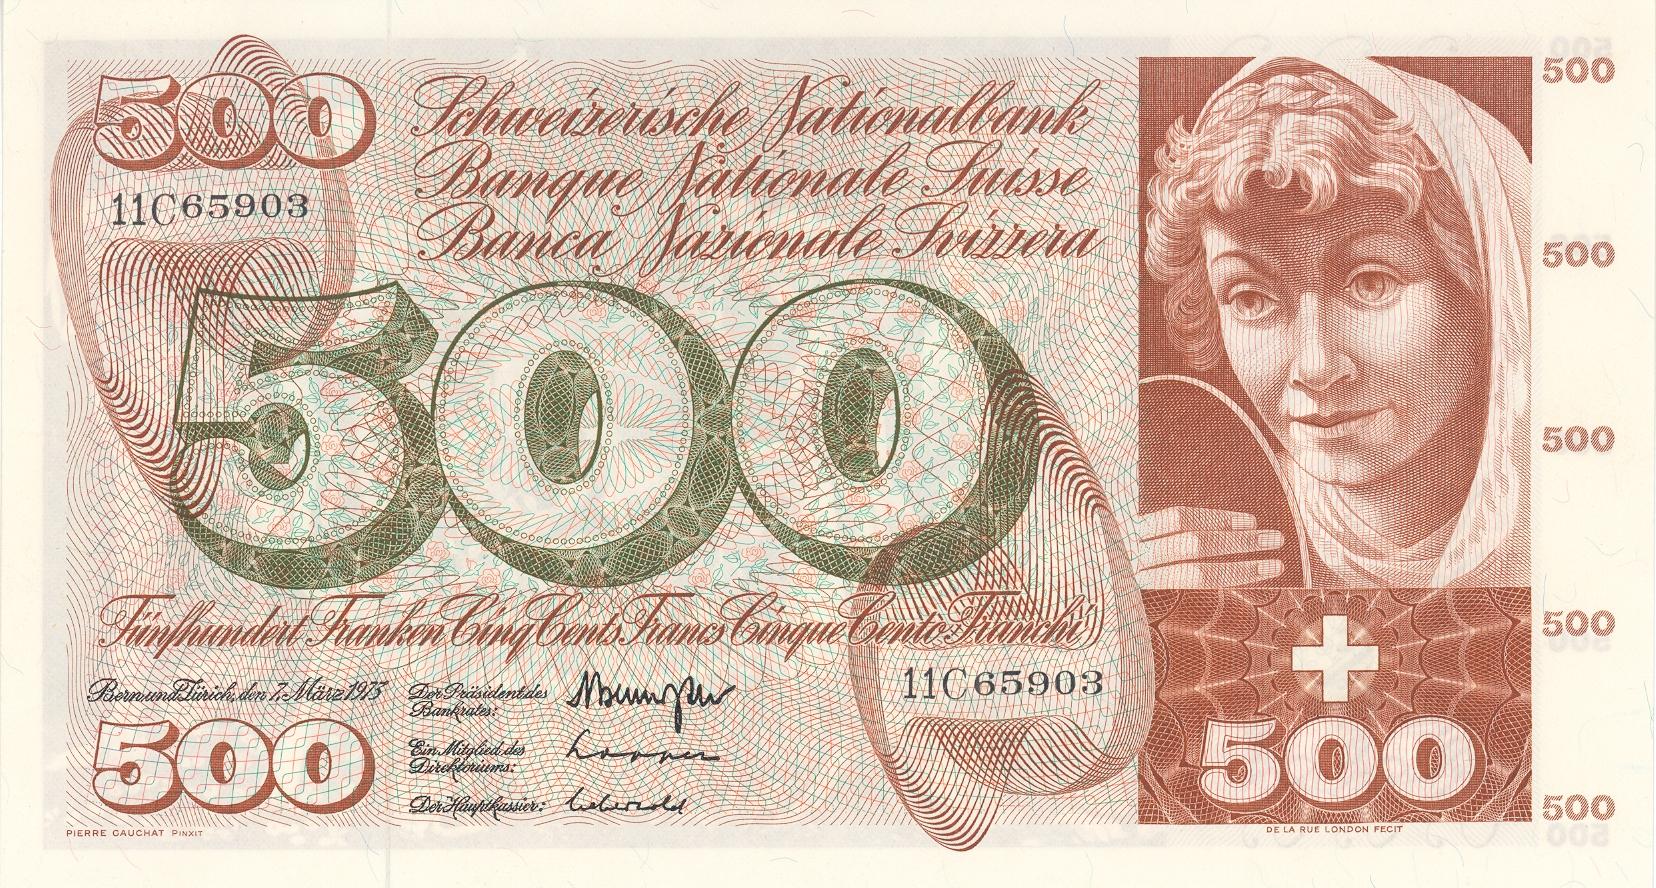 Schweizer Franken – Wikipedia